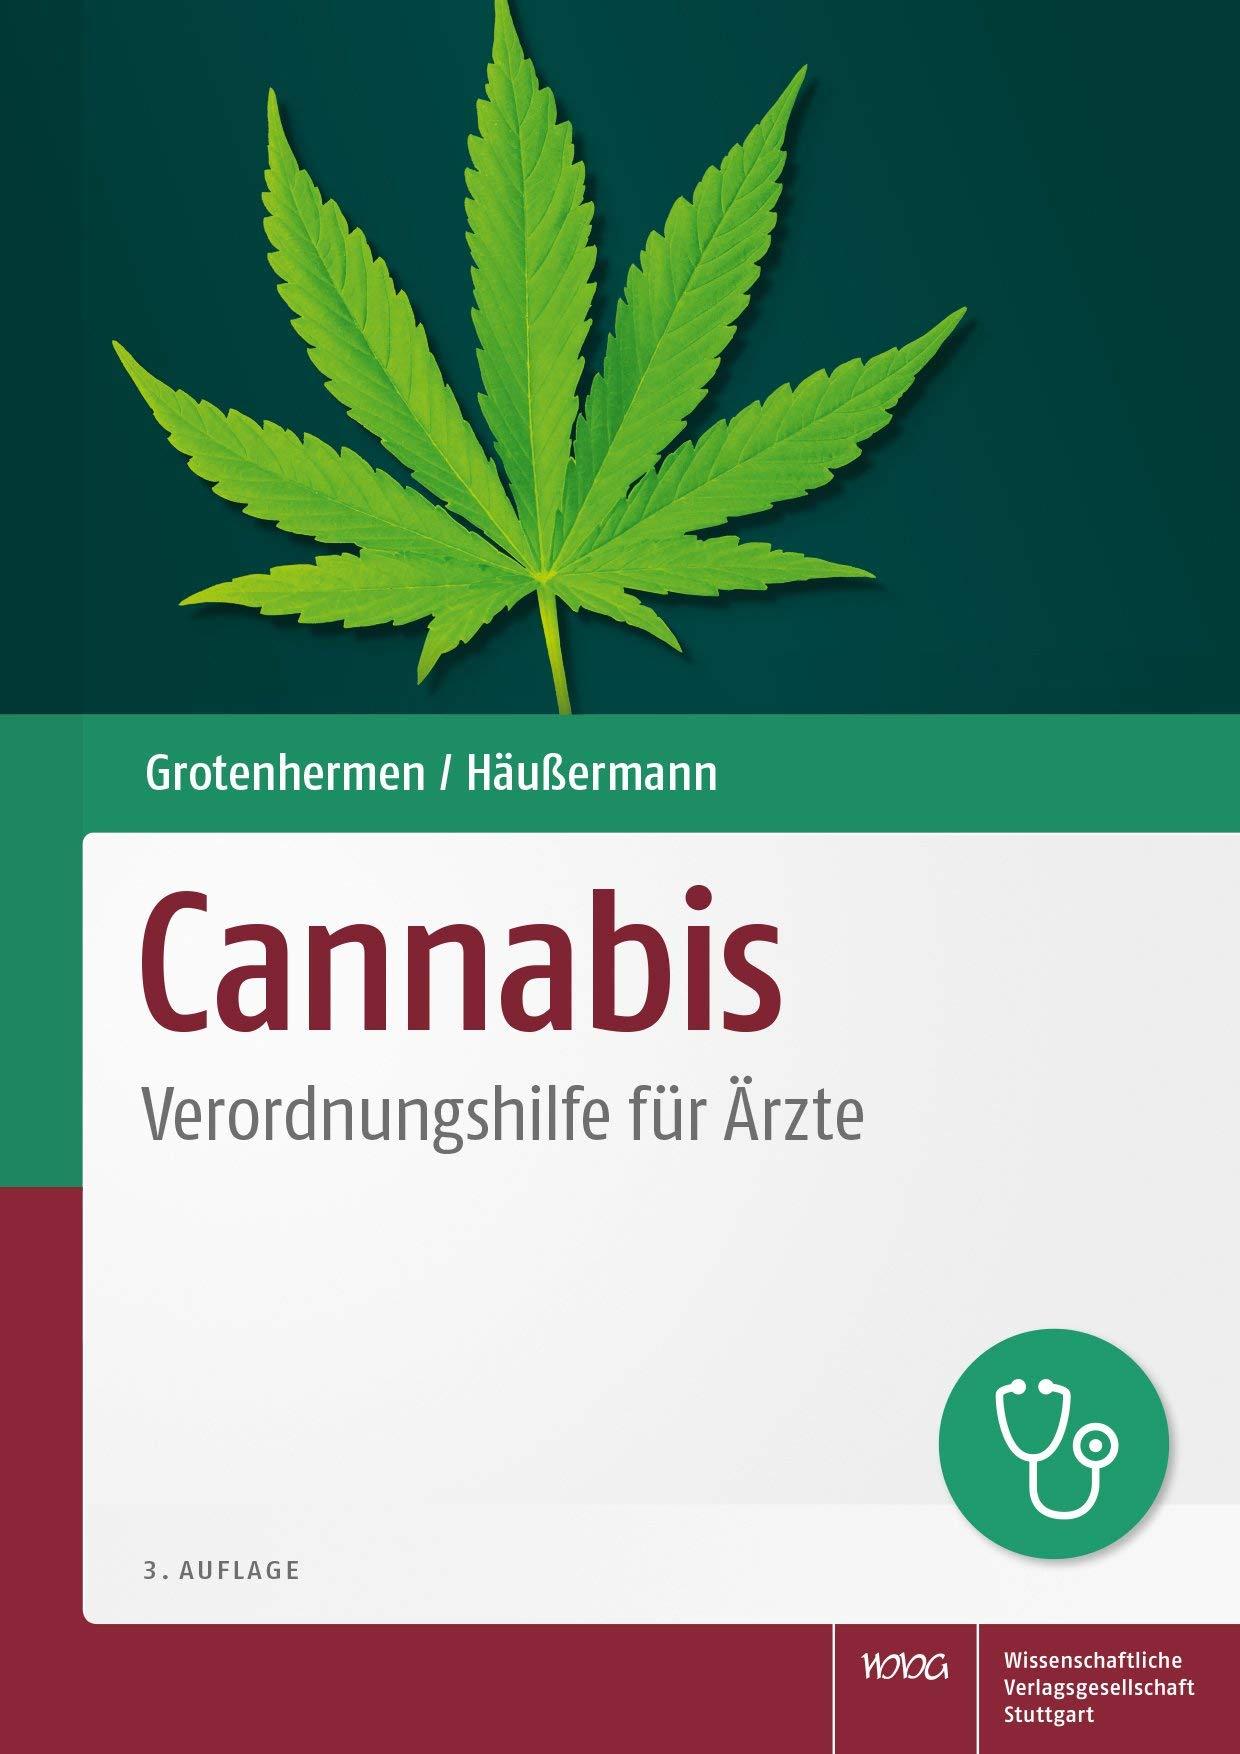 Cannabis: Verordnungshilfe für Ärzte (von Franjo Grotenhermen und Klaus Häußermann)